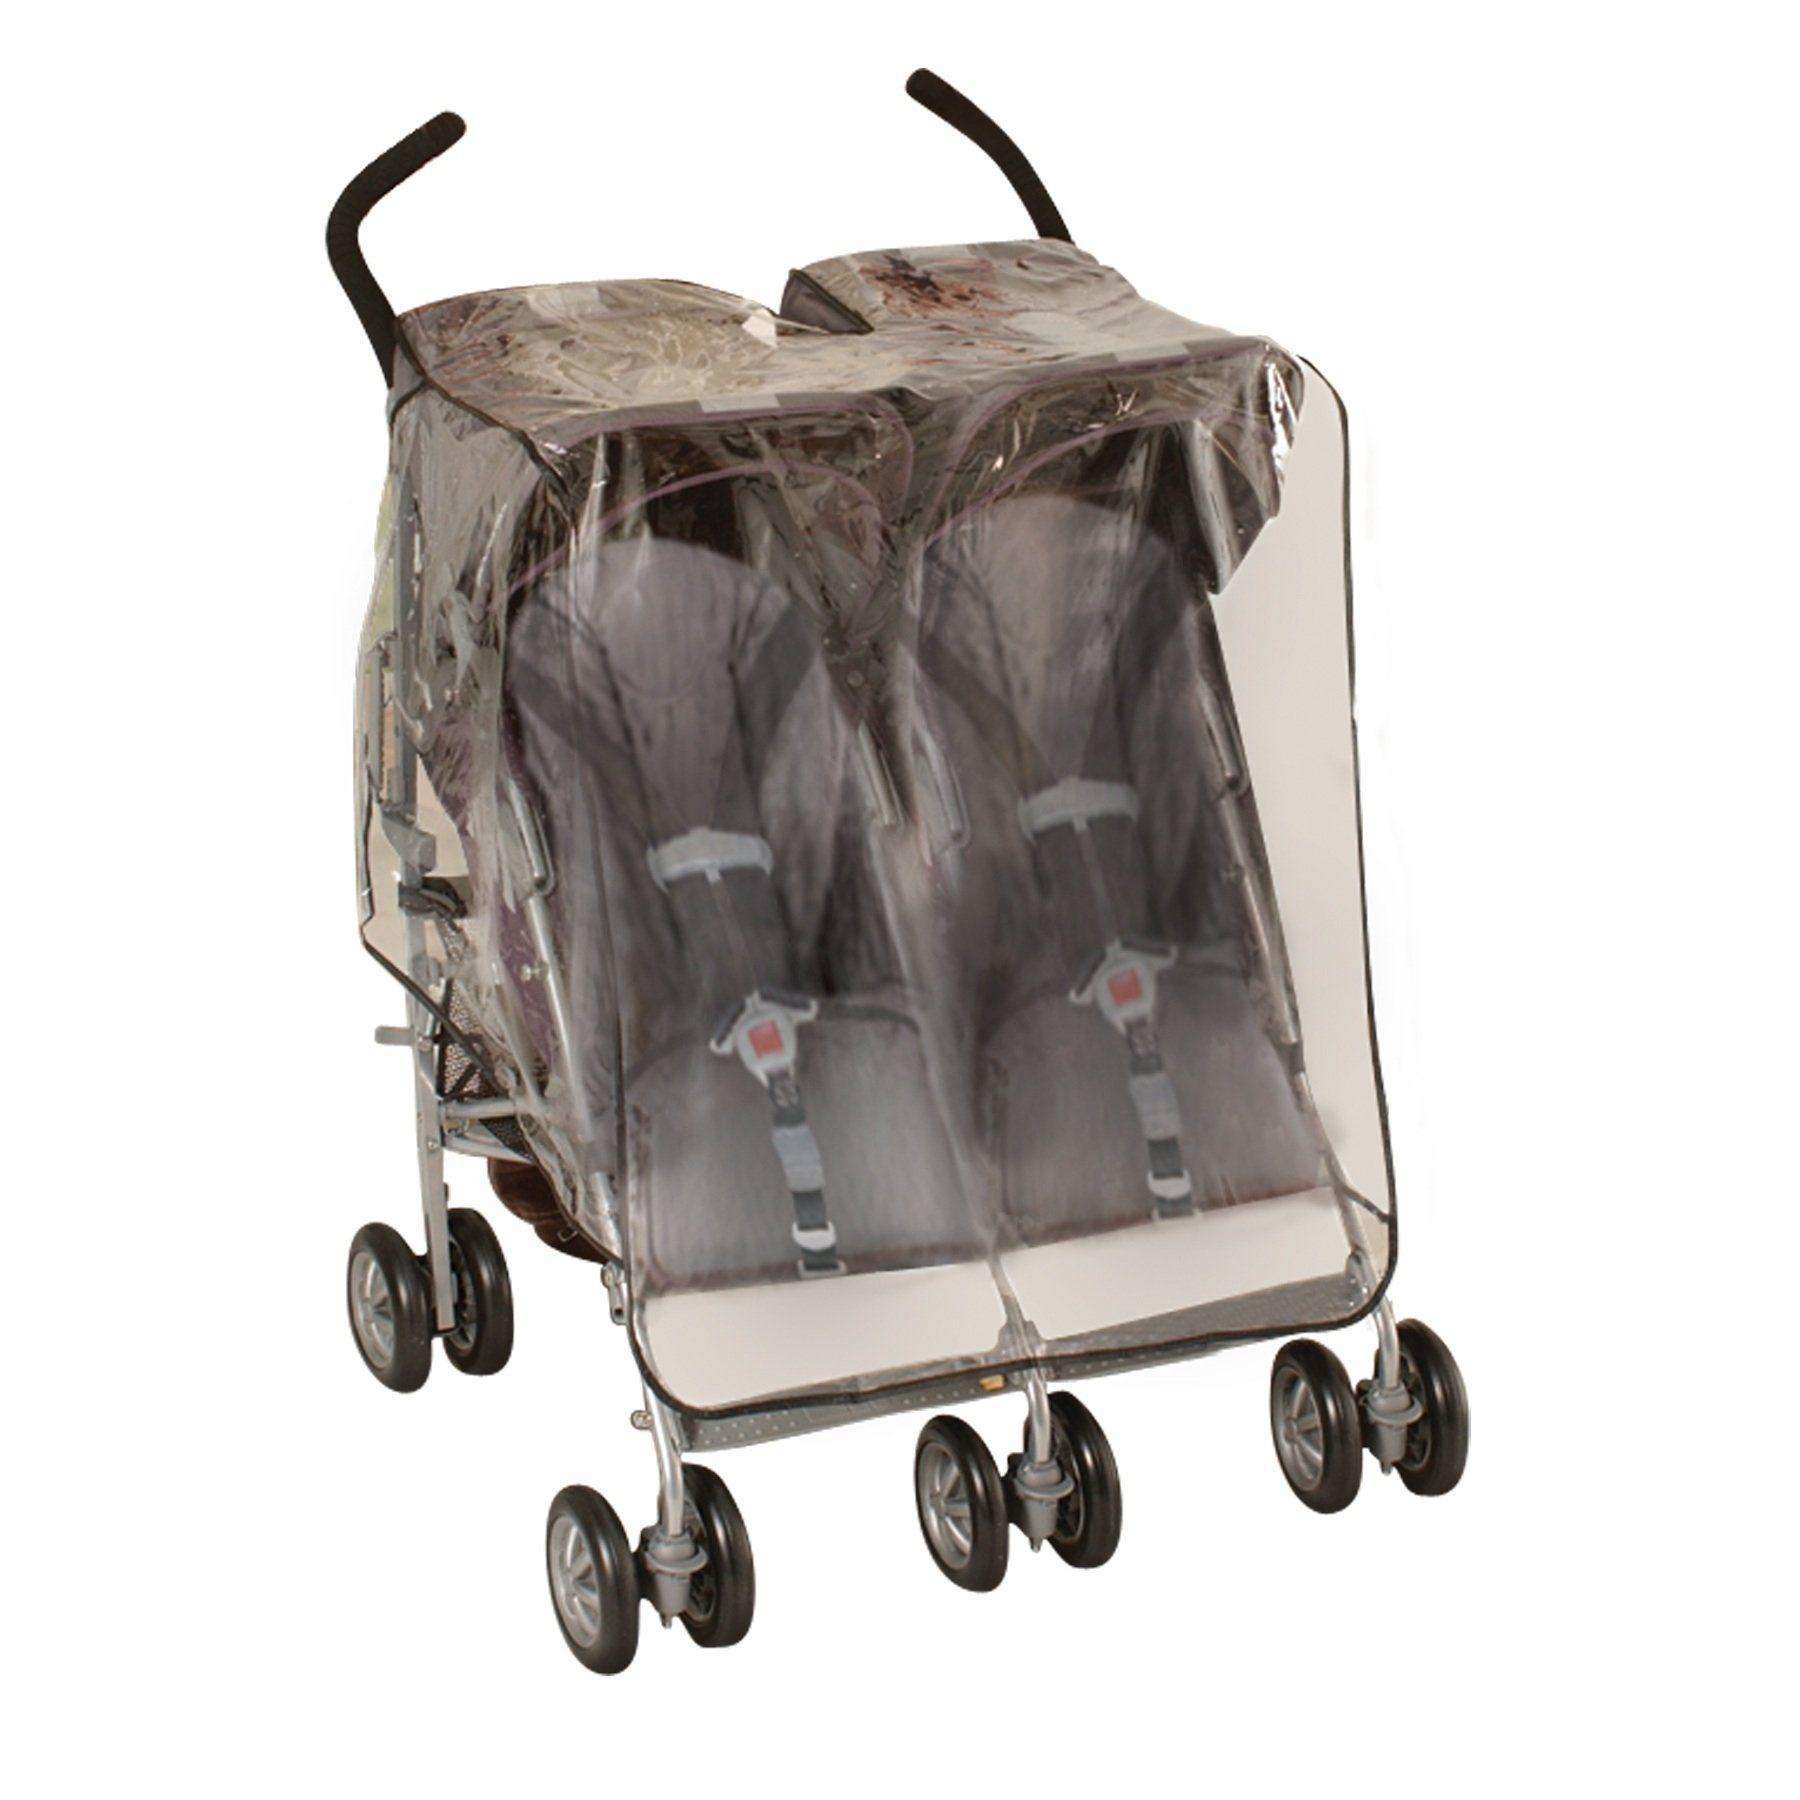 Jeep Side By Side Stroller Weather Shield